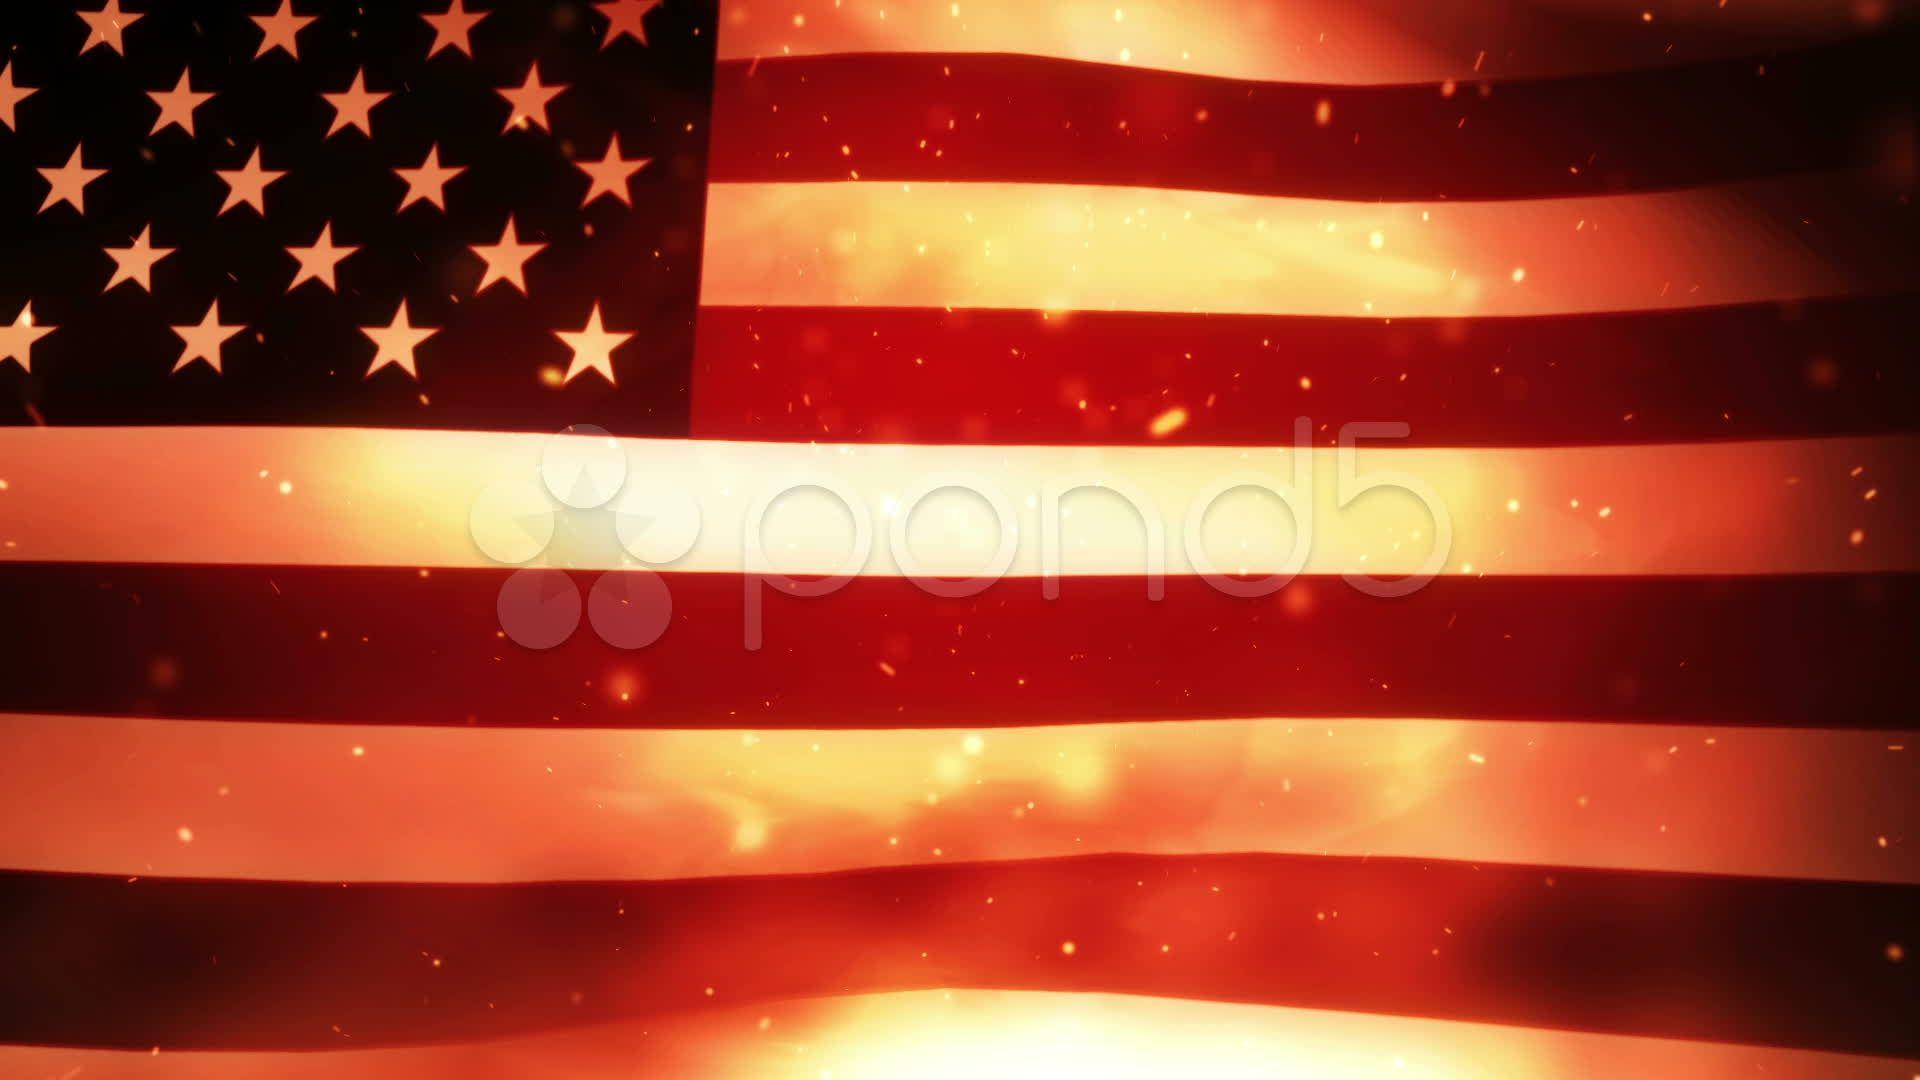 Usa Flag On Fire Stock Footage Ad Flag Usa Footage Fire In 2020 Usa Flag Images Fire Stock Usa Flag